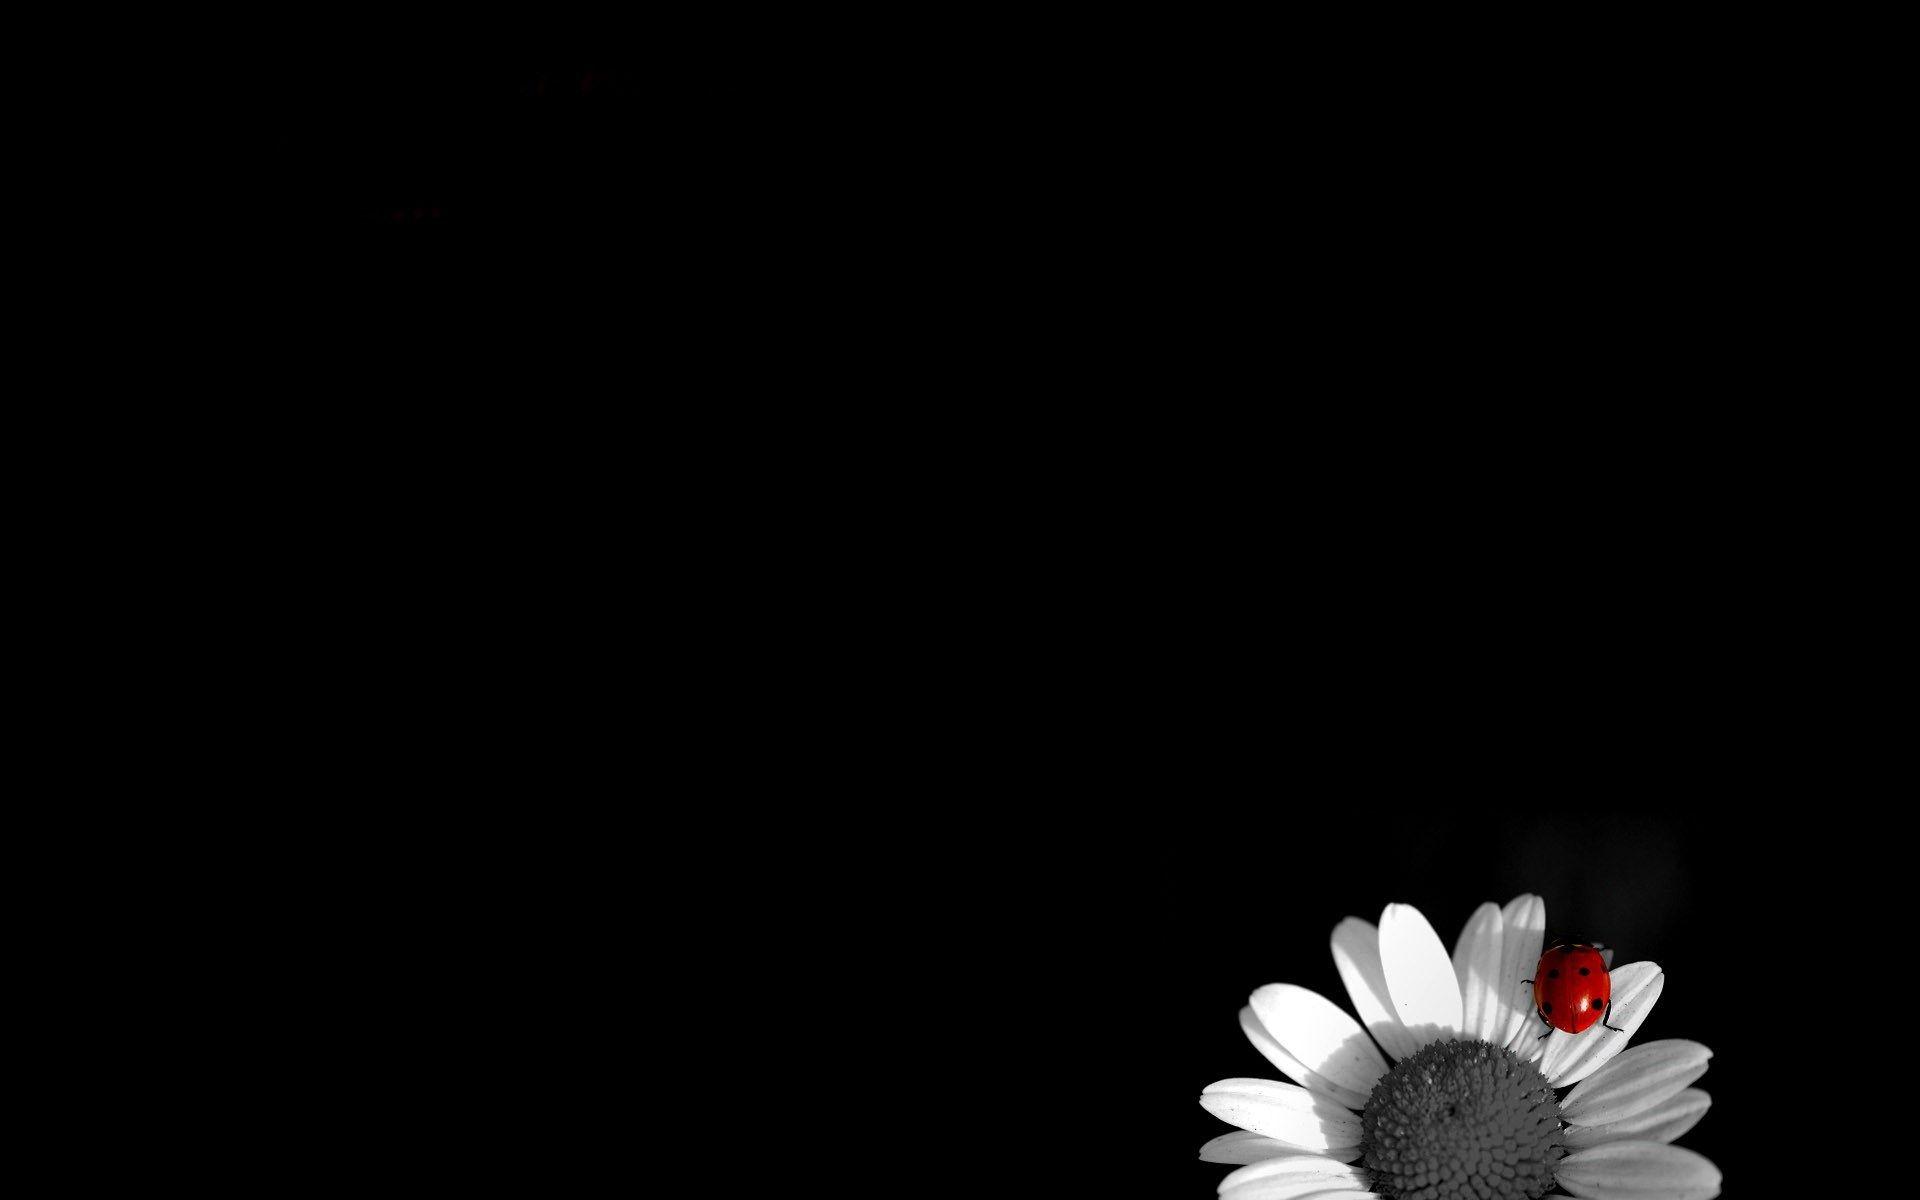 black and white flower wallpaper hd for desktop background